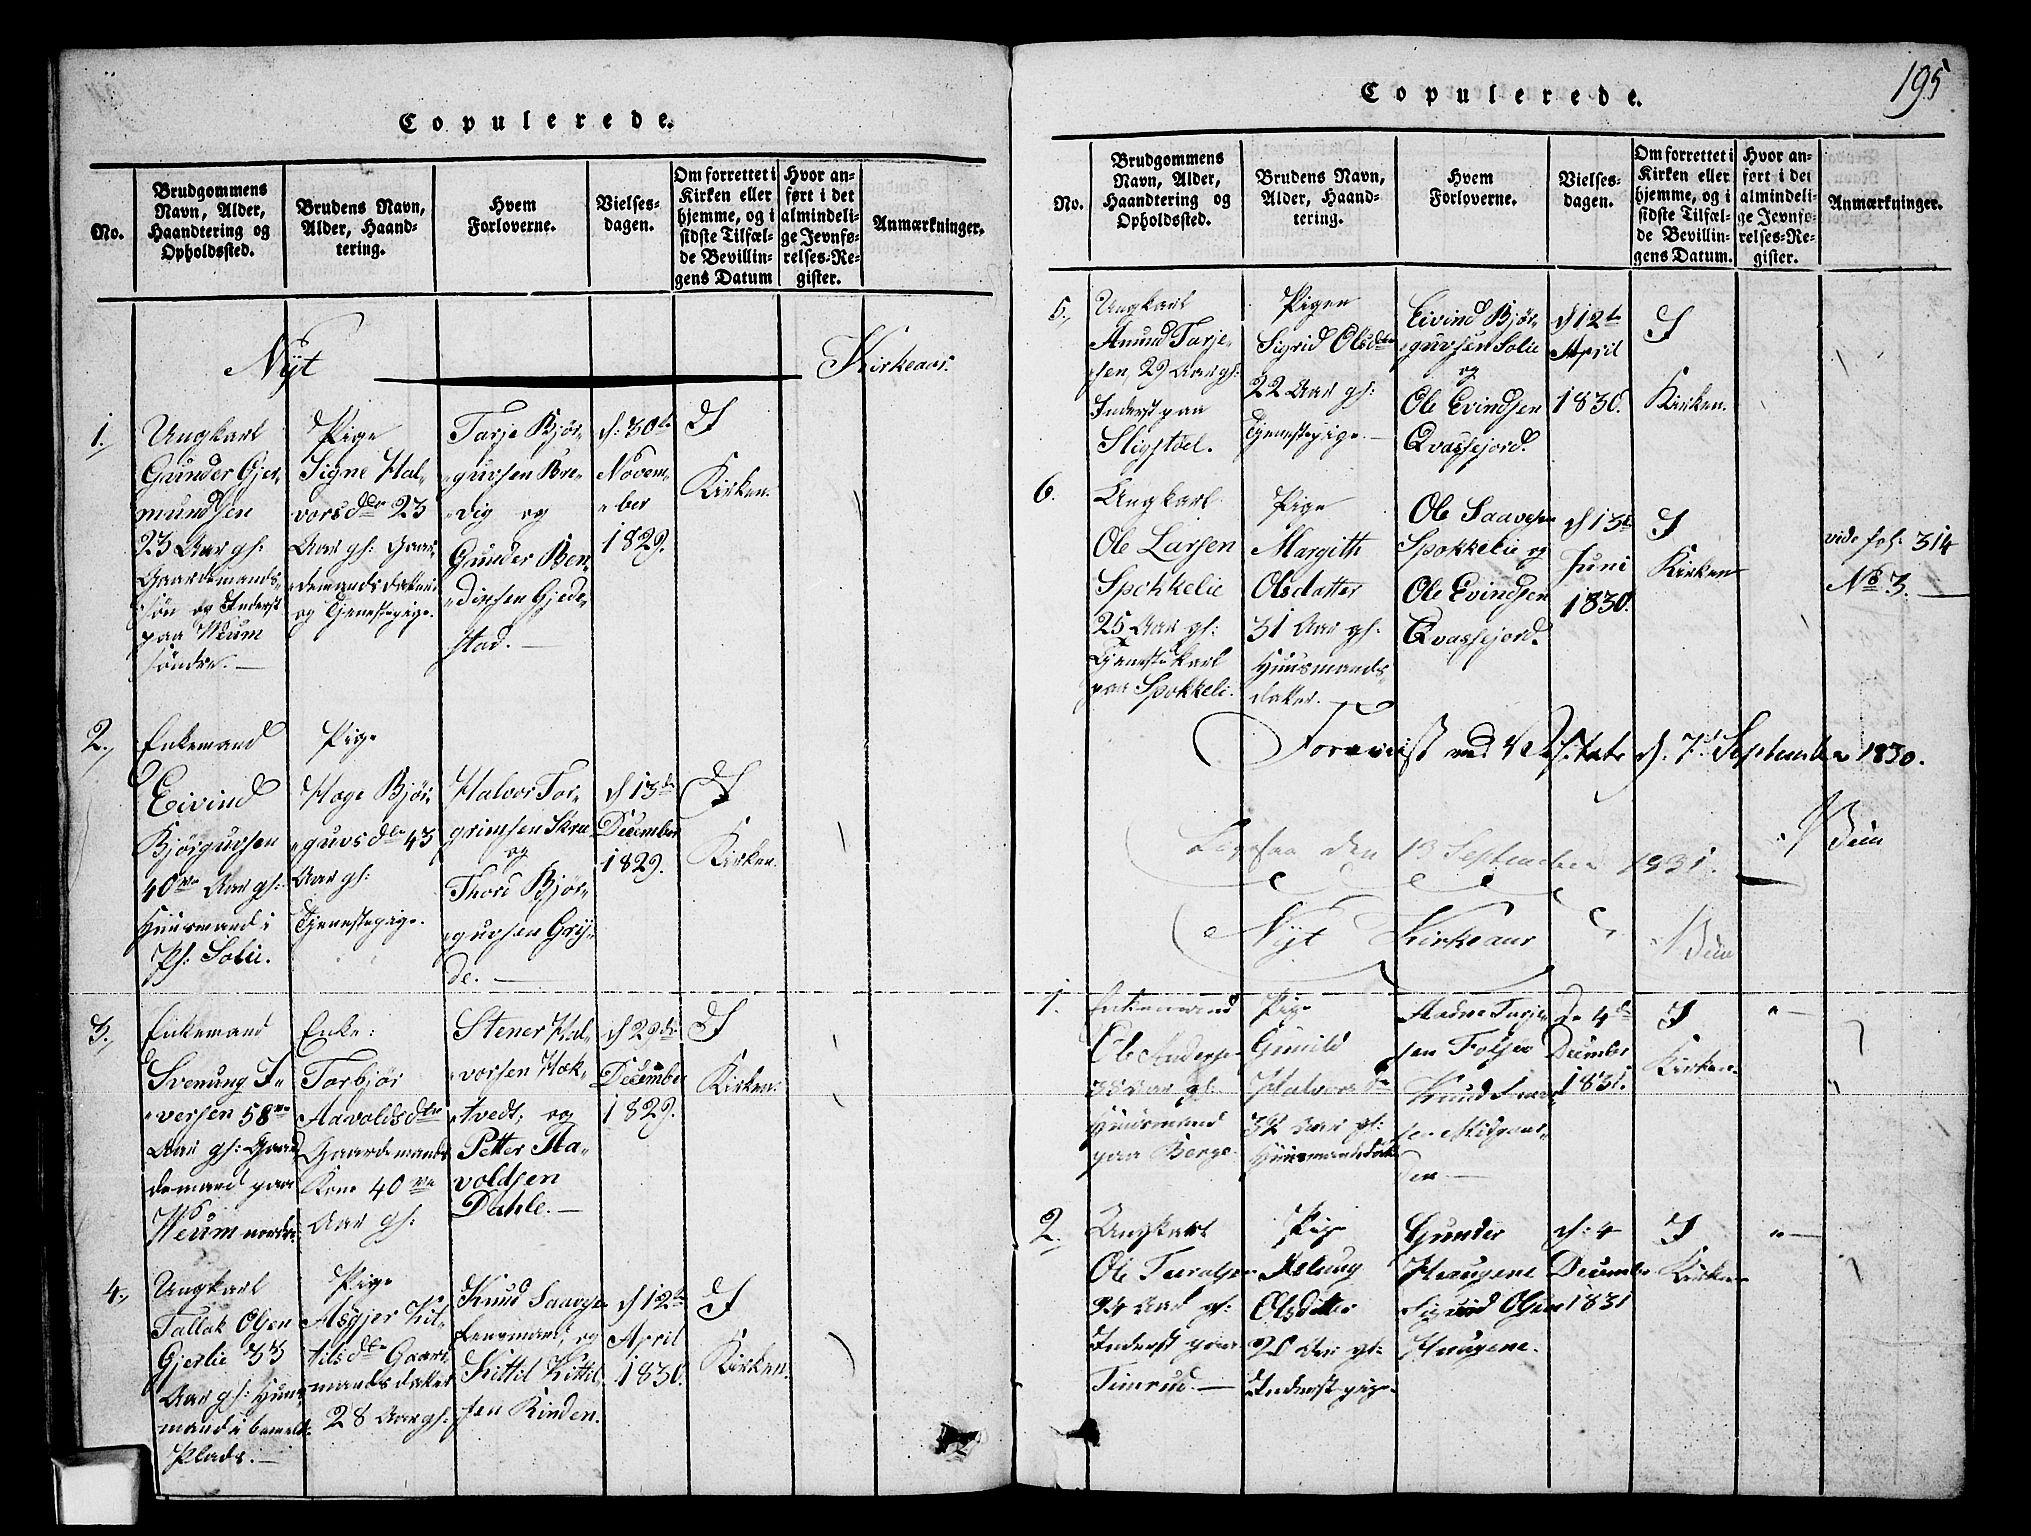 SAKO, Fyresdal kirkebøker, G/Ga/L0003: Klokkerbok nr. I 3, 1815-1863, s. 195